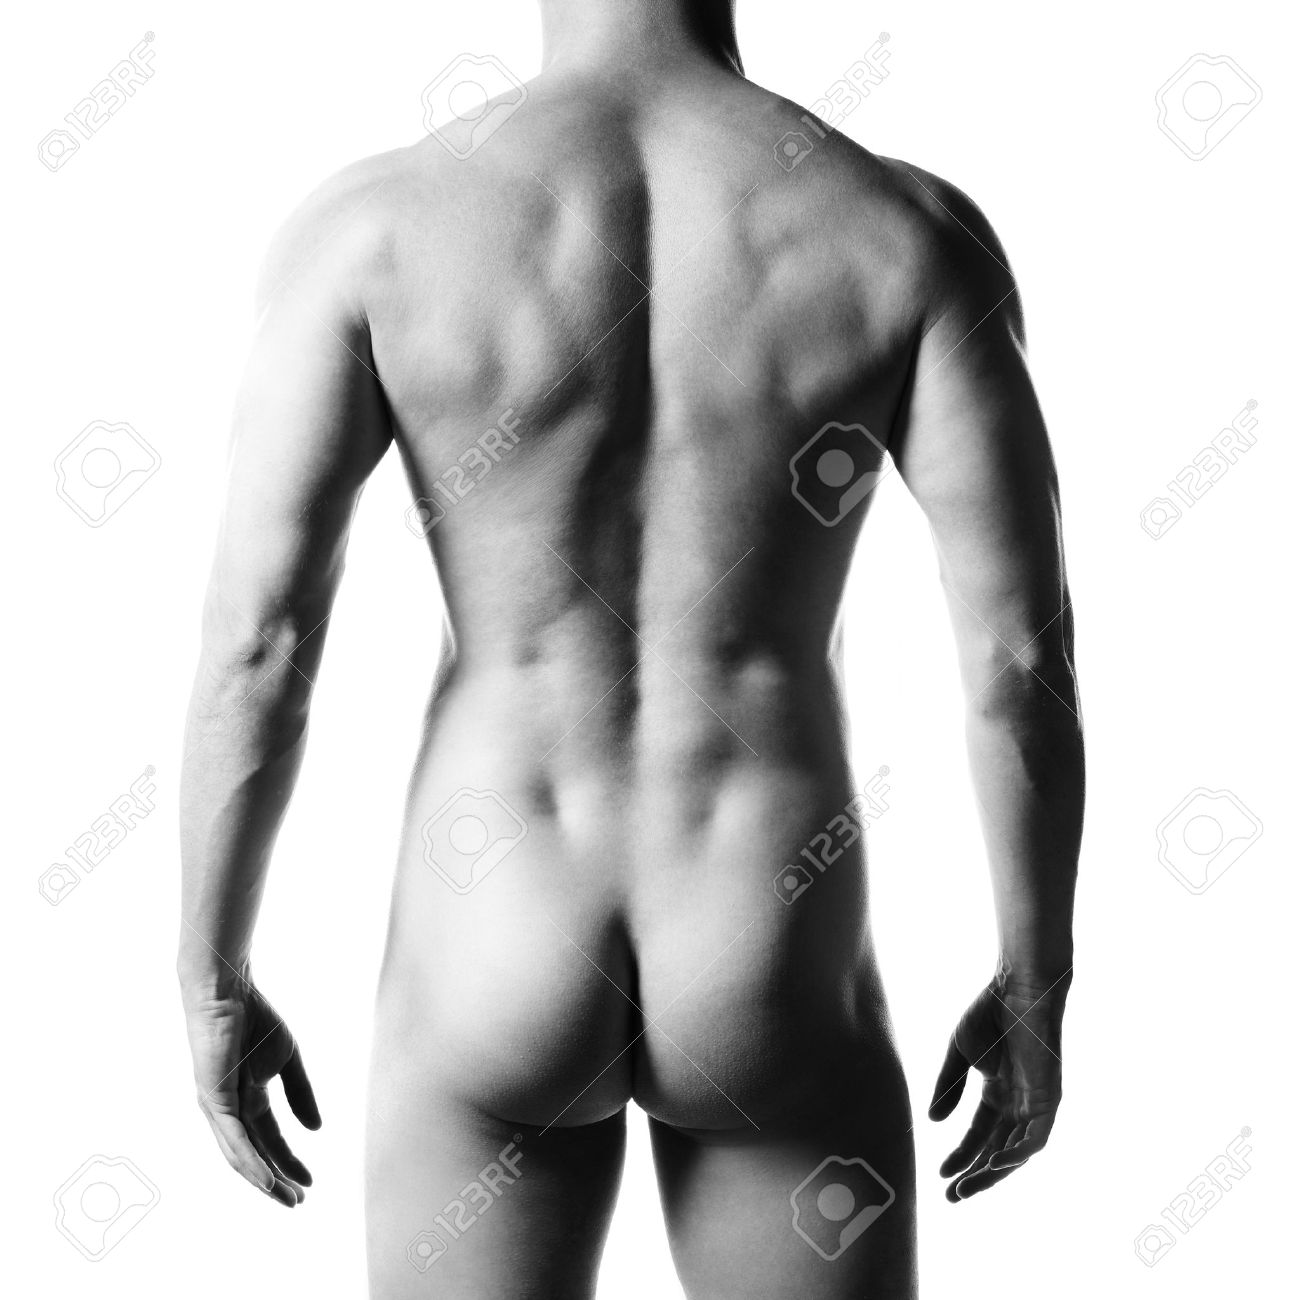 Фигура голых парней 9 фотография